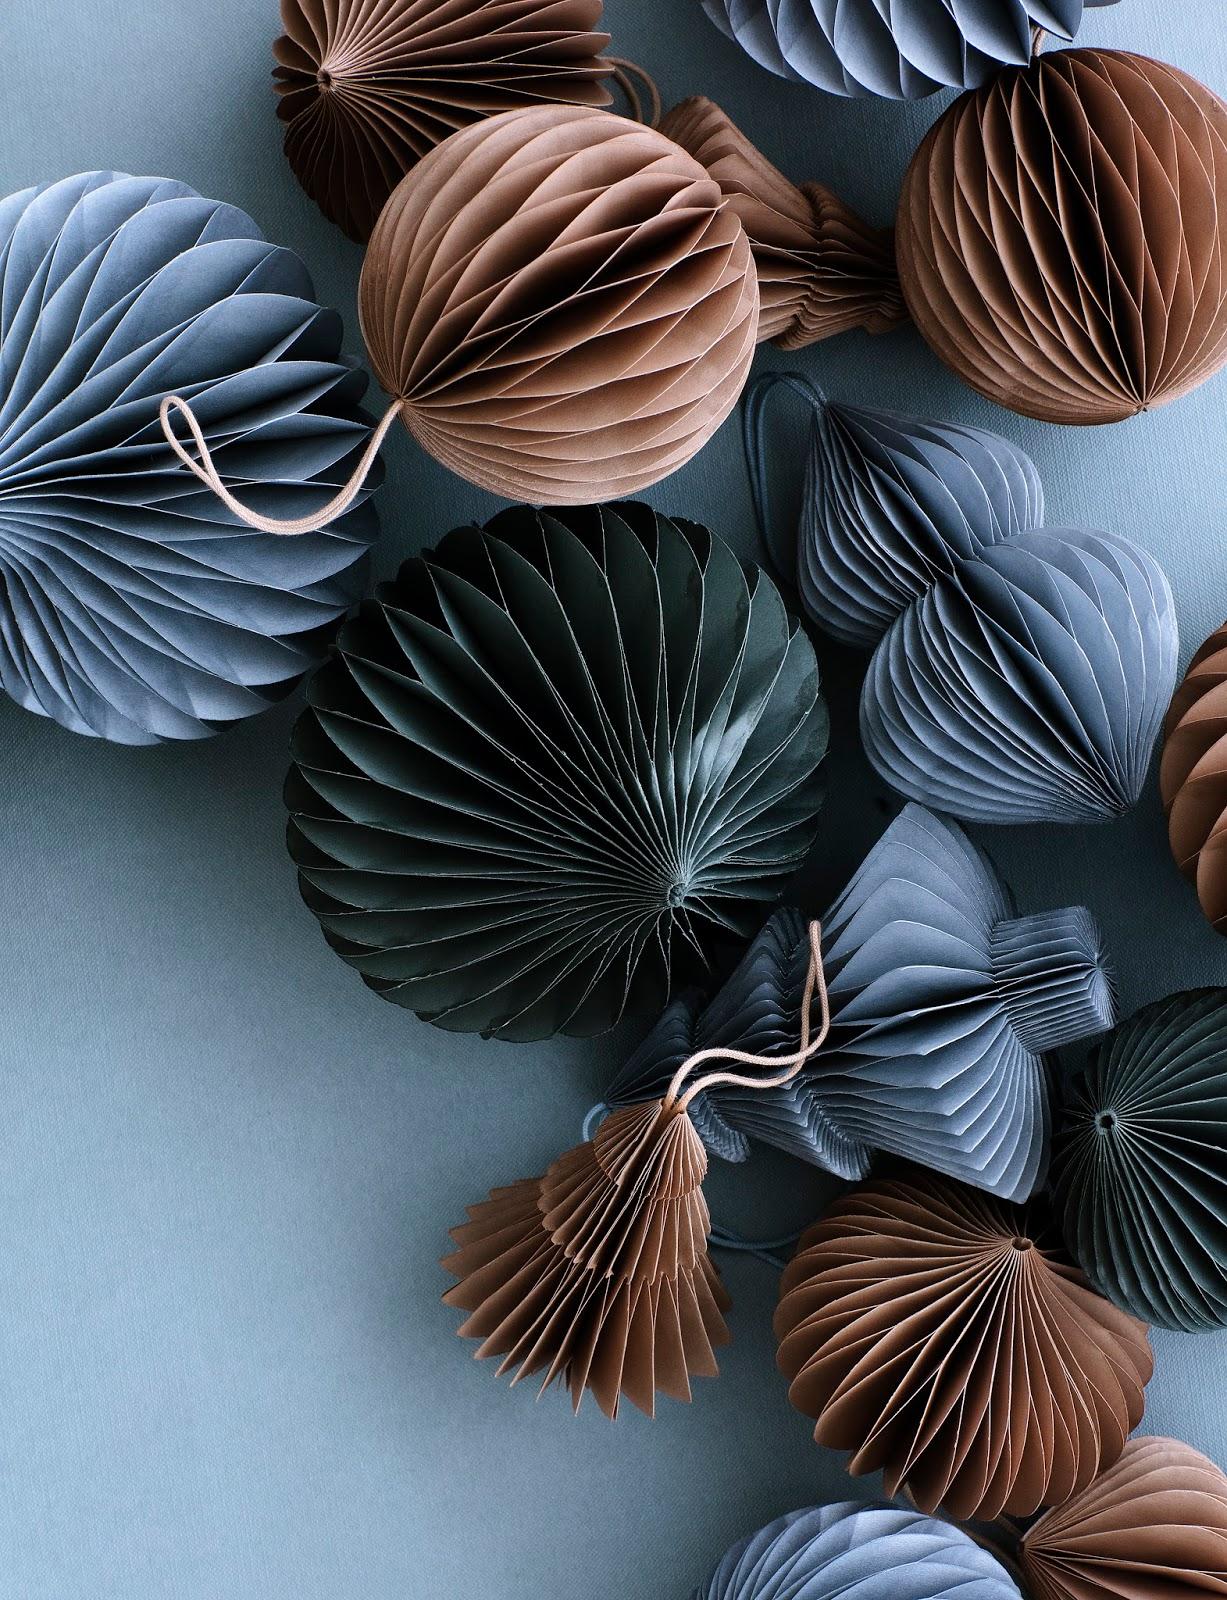 Bombki zrobione z papieru